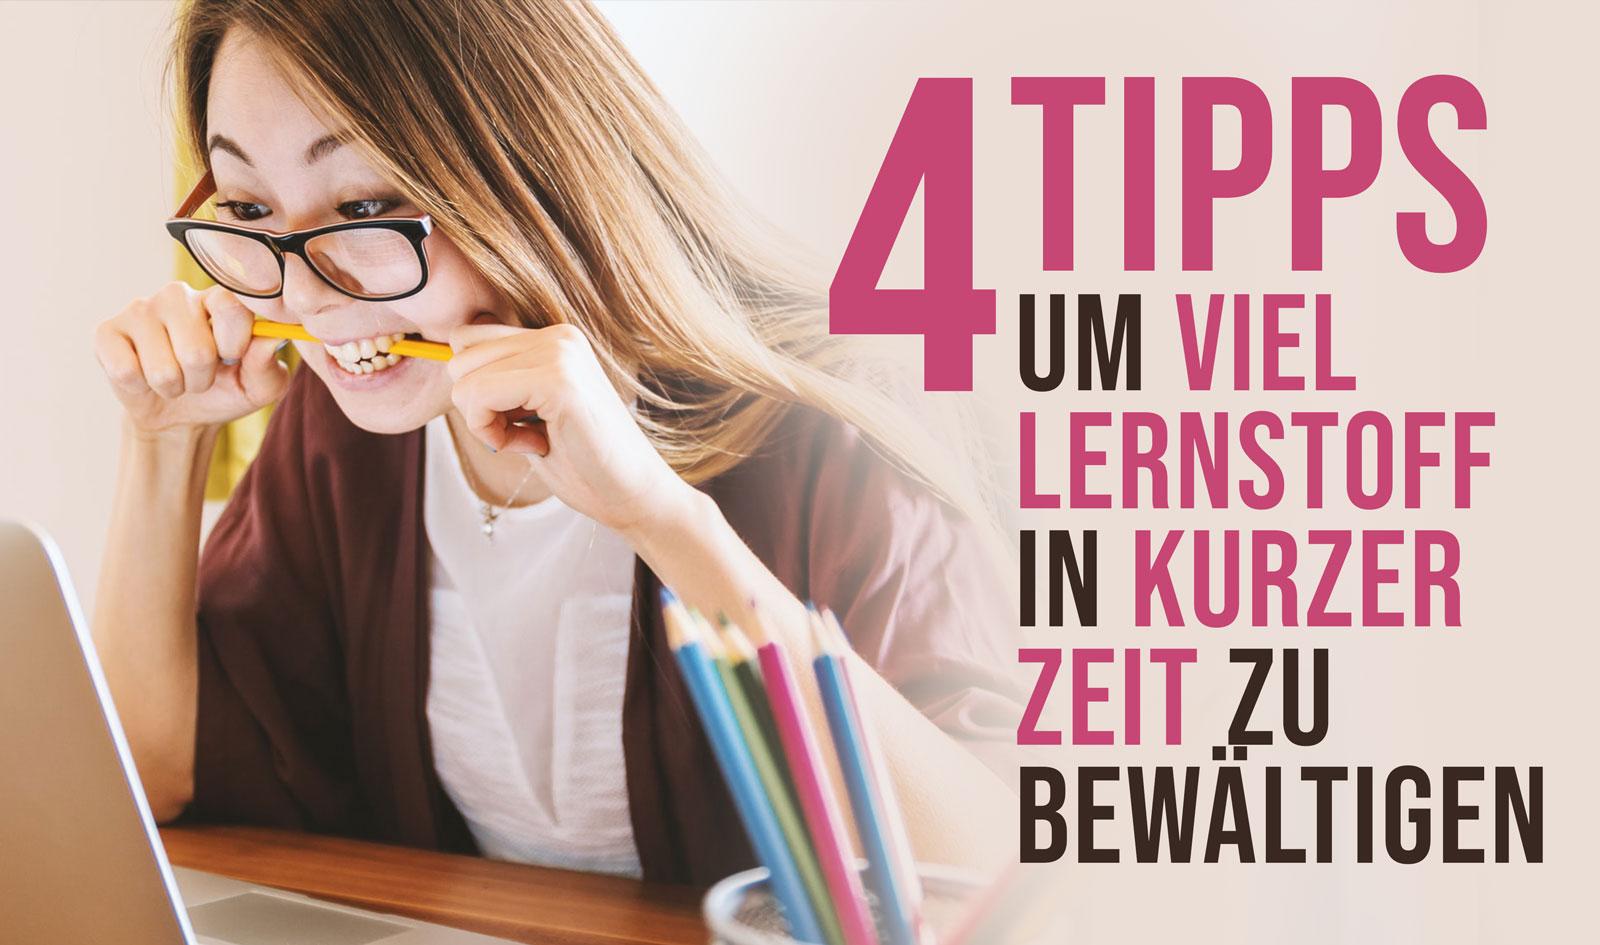 4 Tipps, um viel Lernstoff in kurzer Zeit zu bewältigen